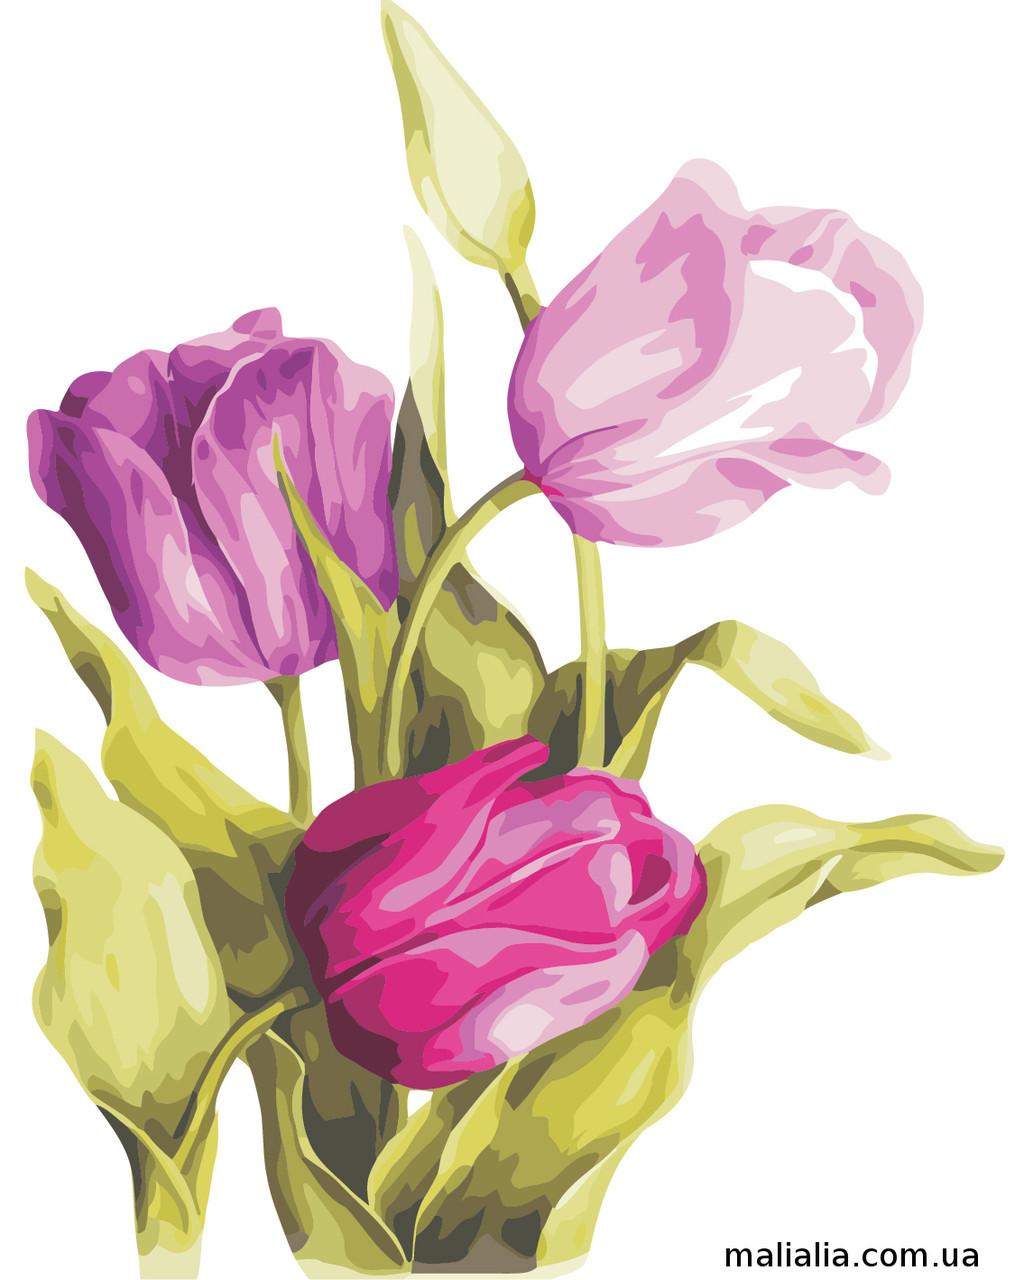 Картины по номерам 40*50 см В КОРОБКЕ Нежные тюльпаны Artstory